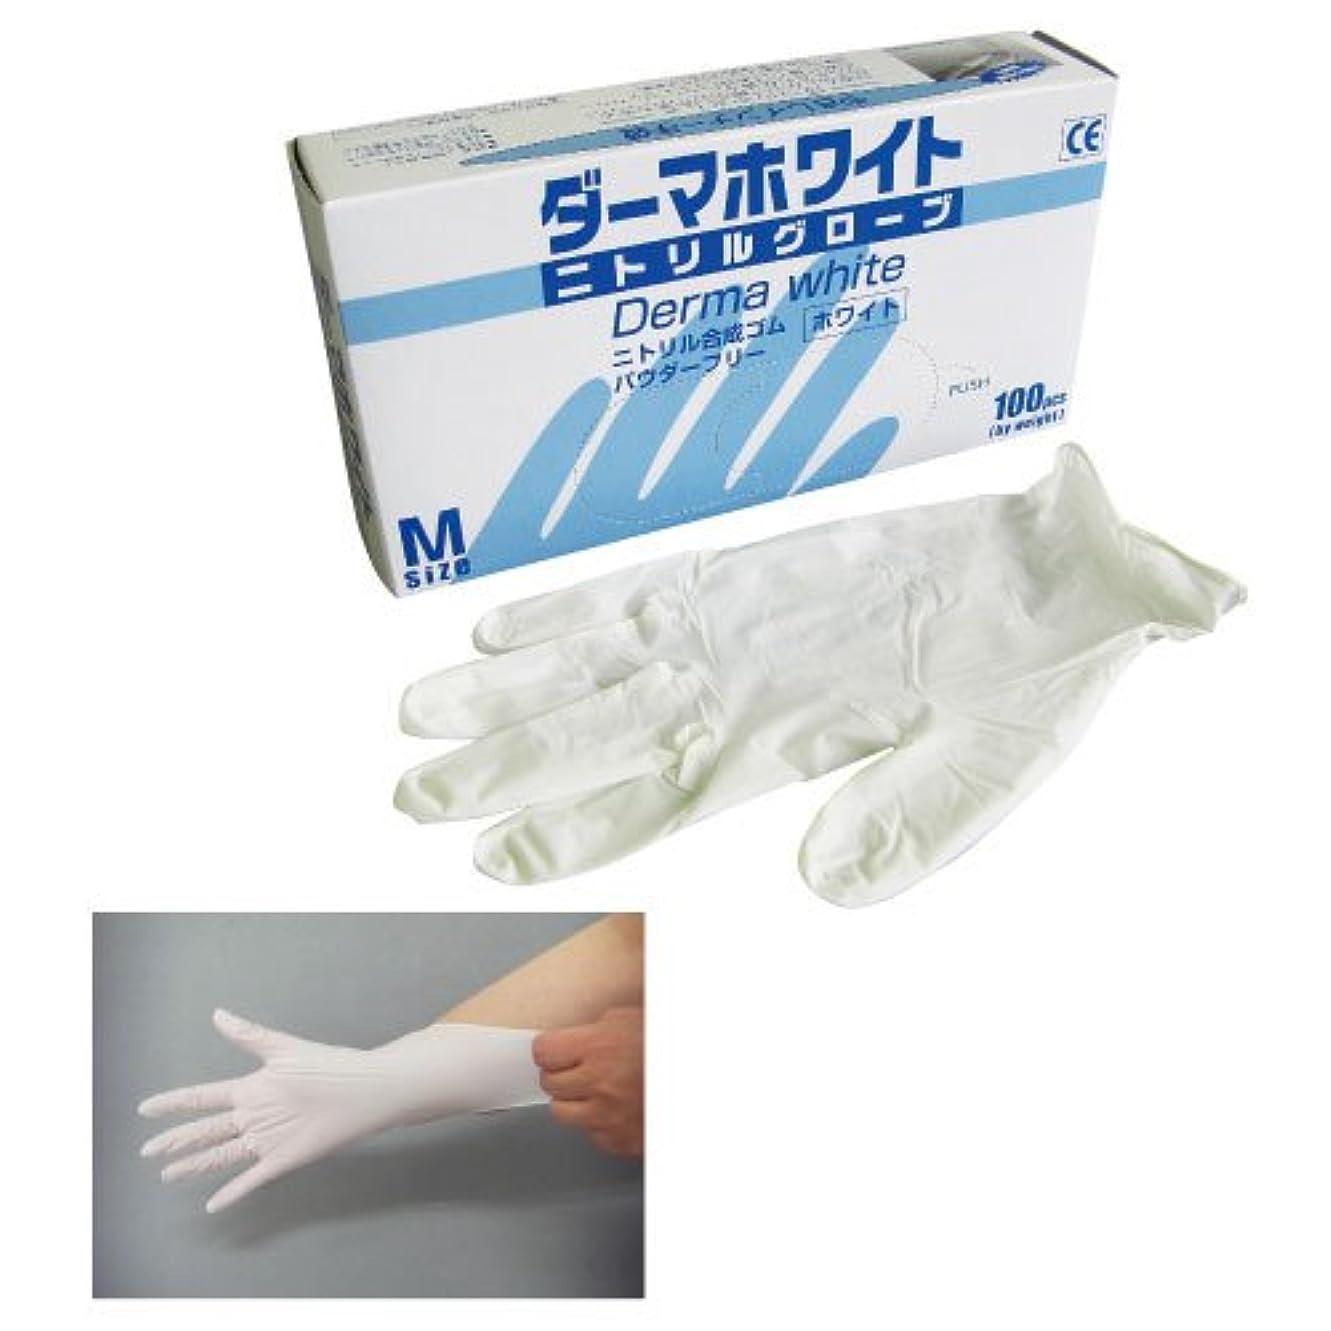 リーダーシップ事バイオレットダーマホワイト ニトリル手袋PF ?????????????????PF(23-3770-03)GN01(L)100??